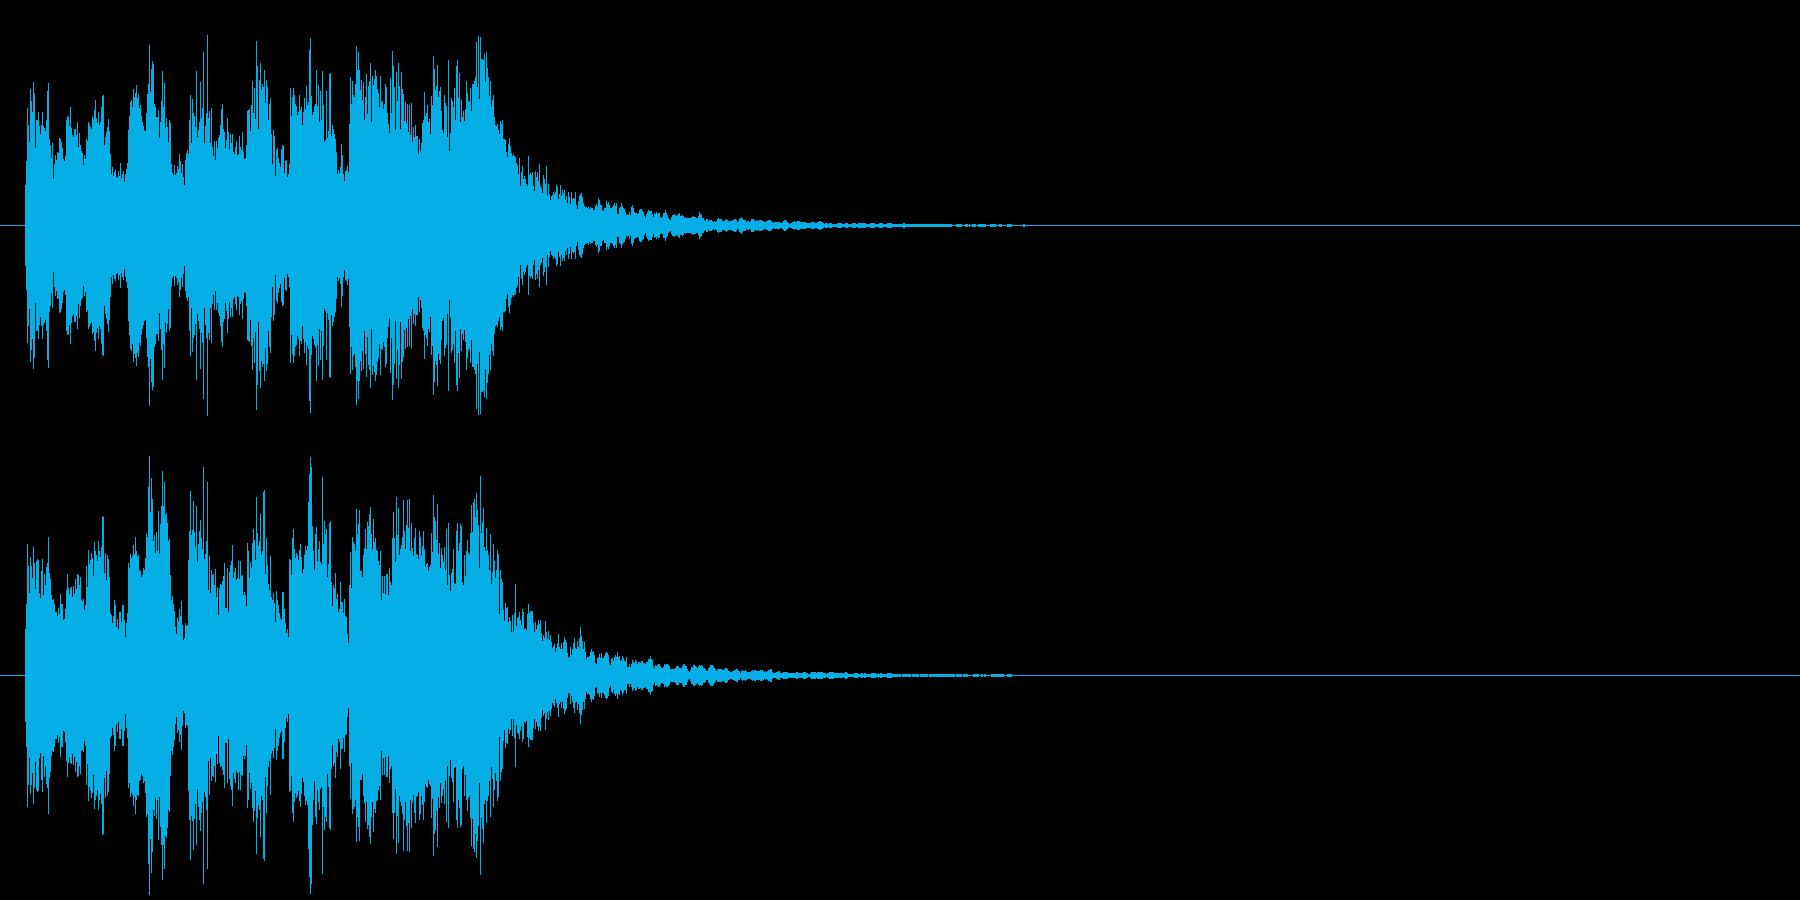 テーマ 科学 クイズ 場面転換の再生済みの波形